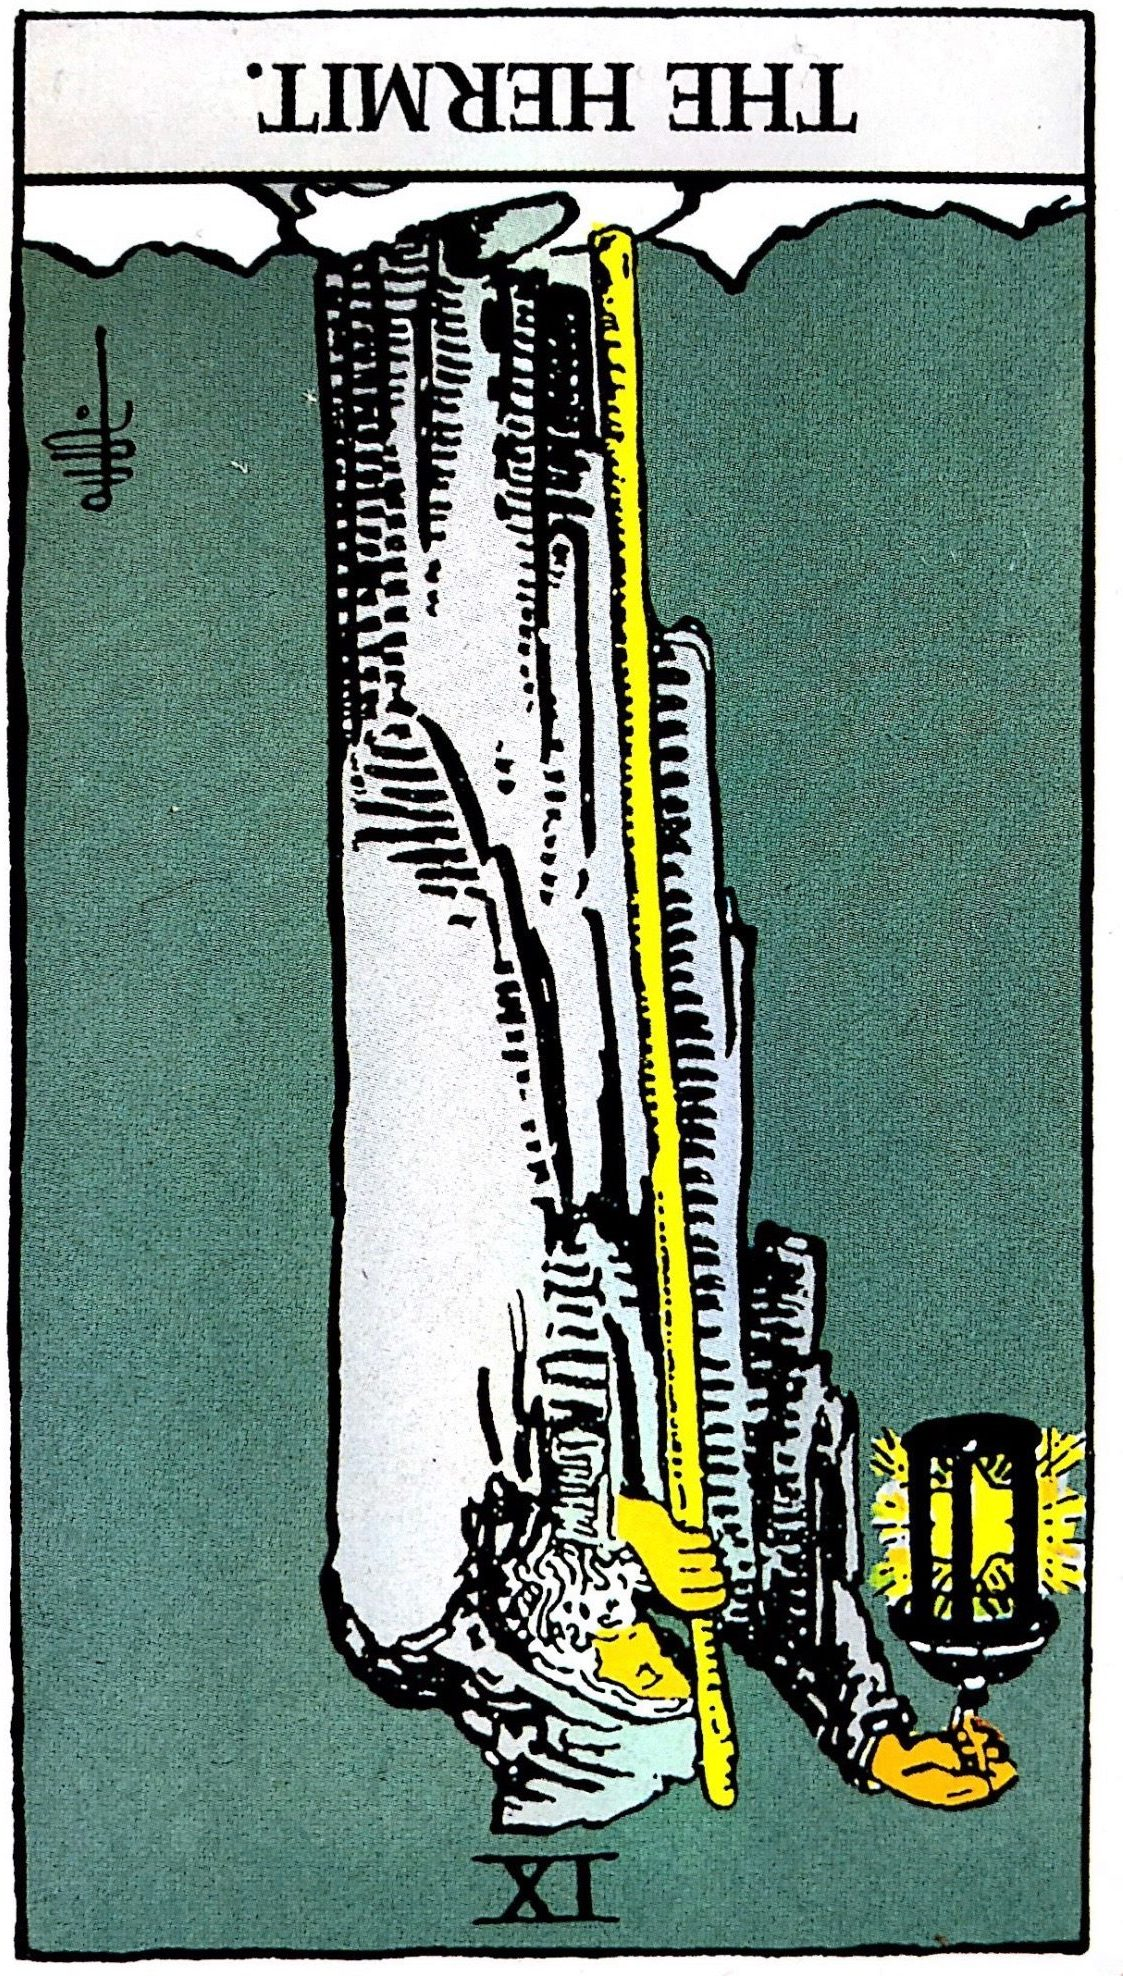 片思いを諦めるべきタロットカードその3『隠者』【逆位置】